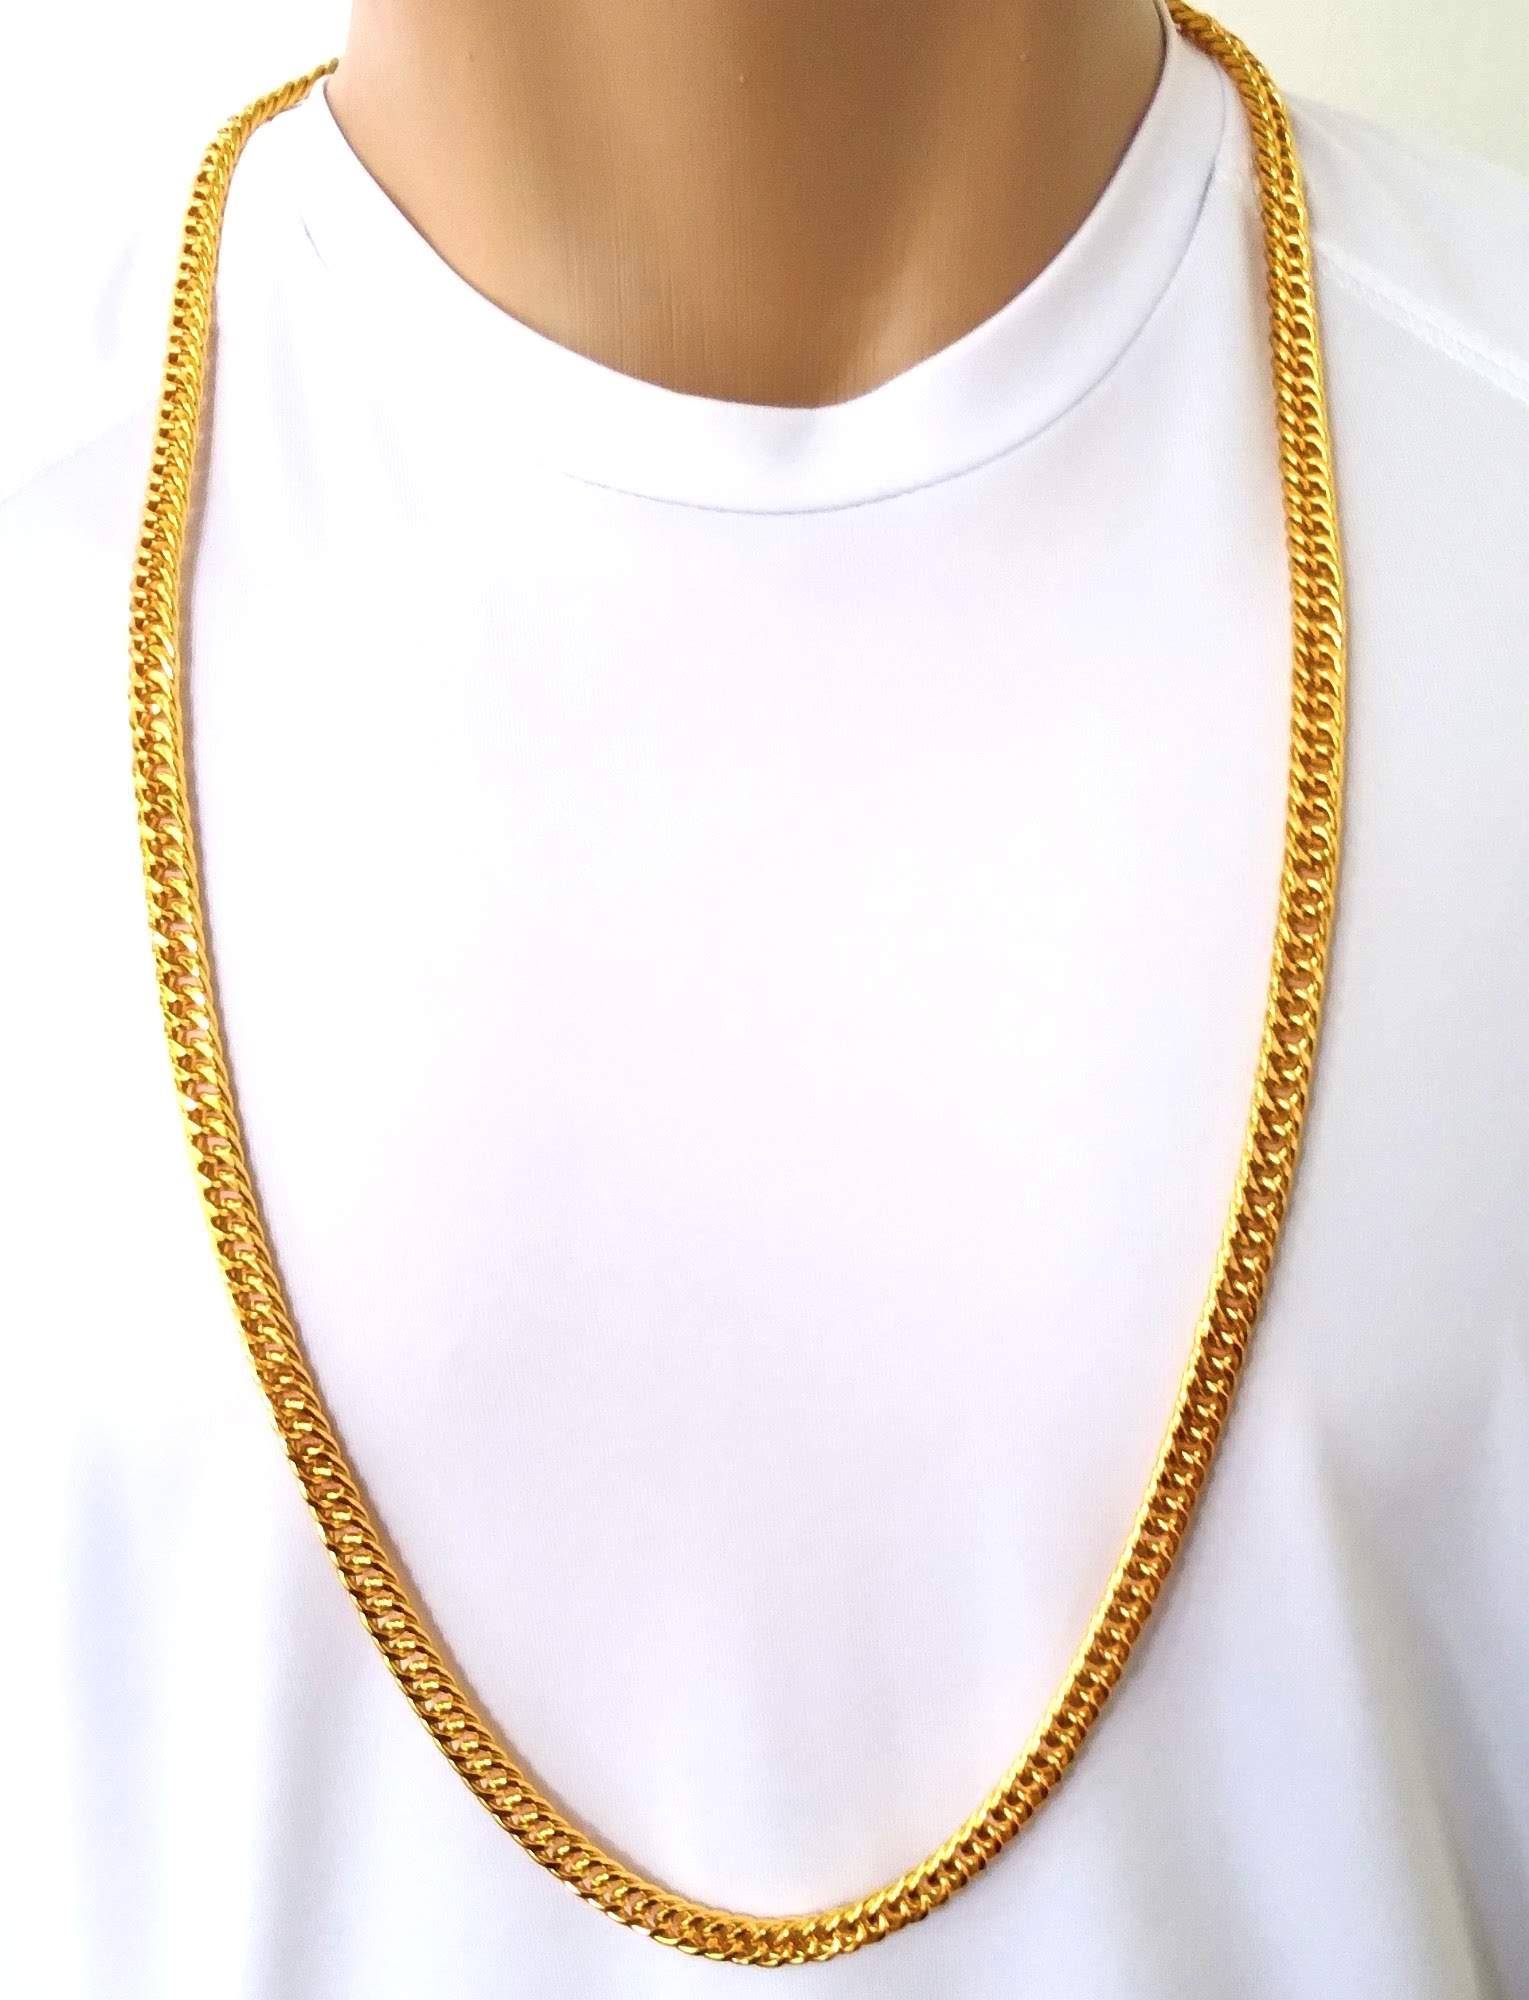 Corrente Cordão Banhado Ouro 18k Malha Groumet 90cm 8mm